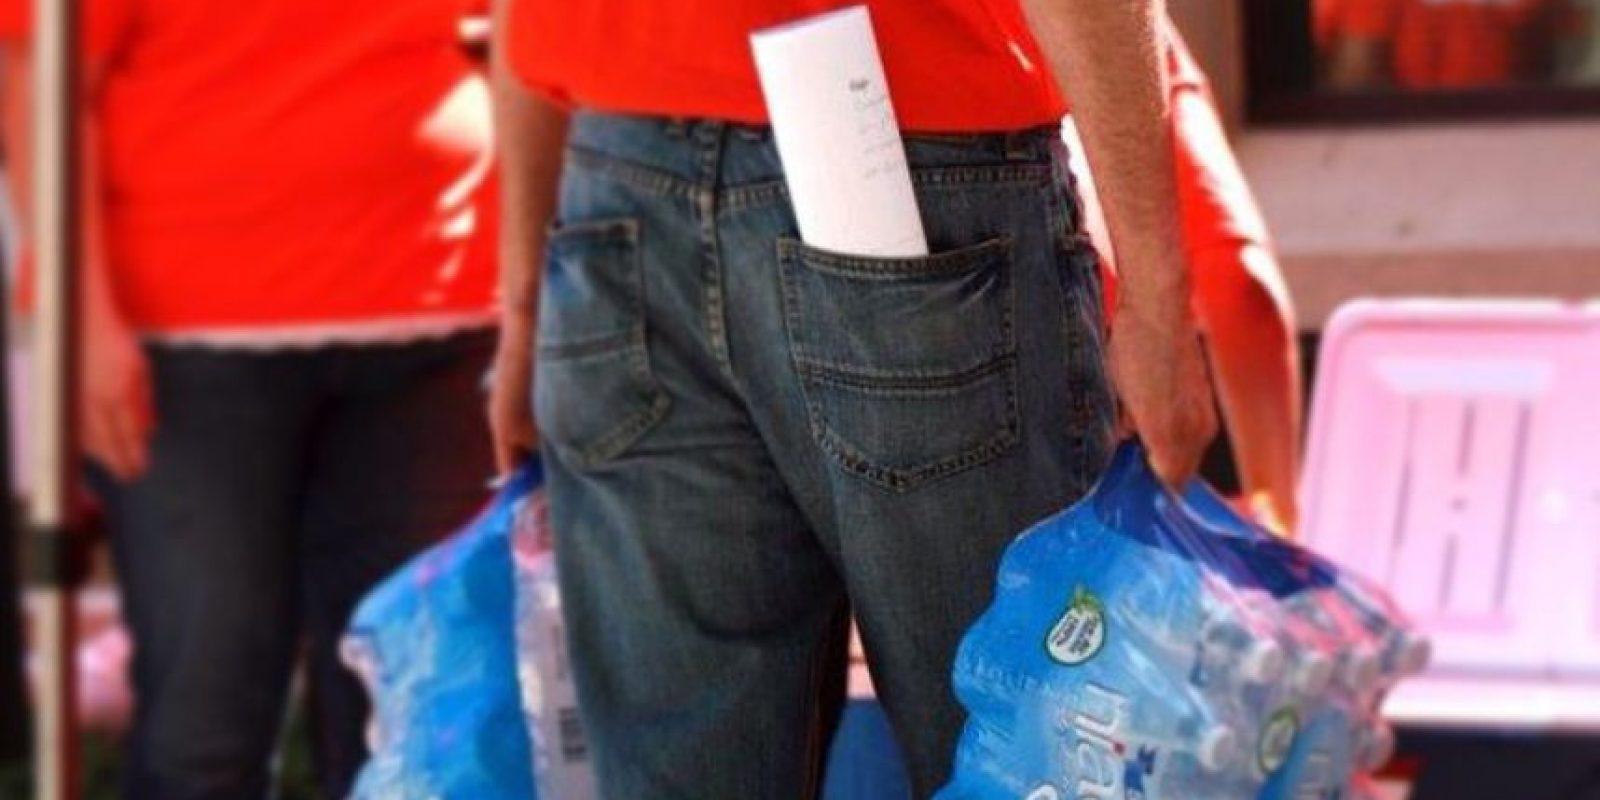 Se retiraron del mercado las botellas de agua producidas durante el 10 y 18 de junio. Foto:Vía niagarawater.com